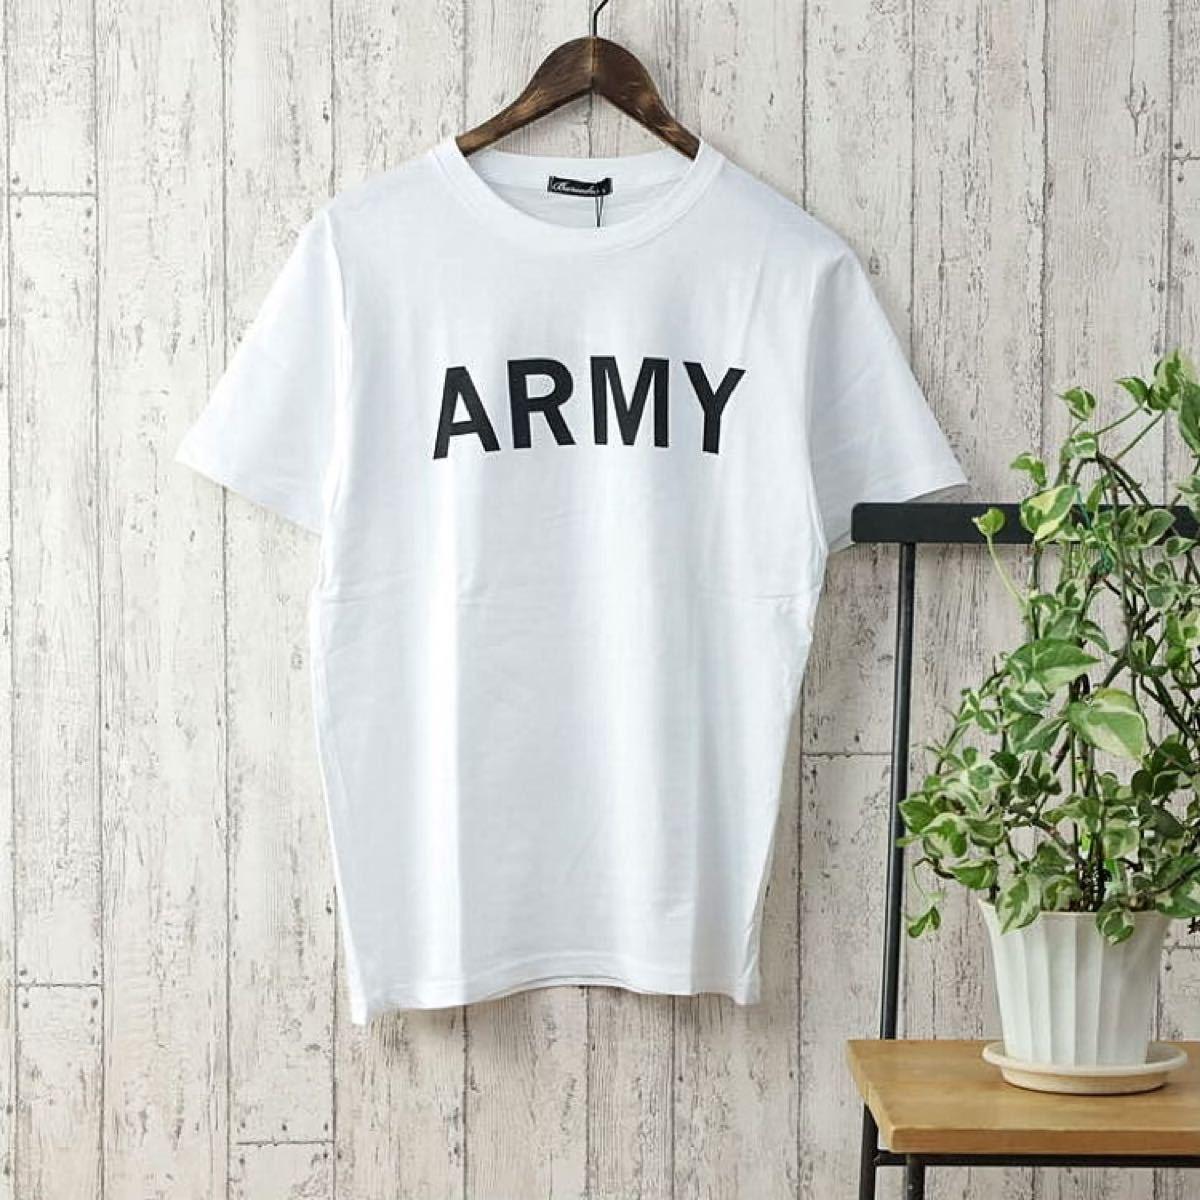 プリントTシャツ メンズ 半袖 クルーネック ARMYプリント L